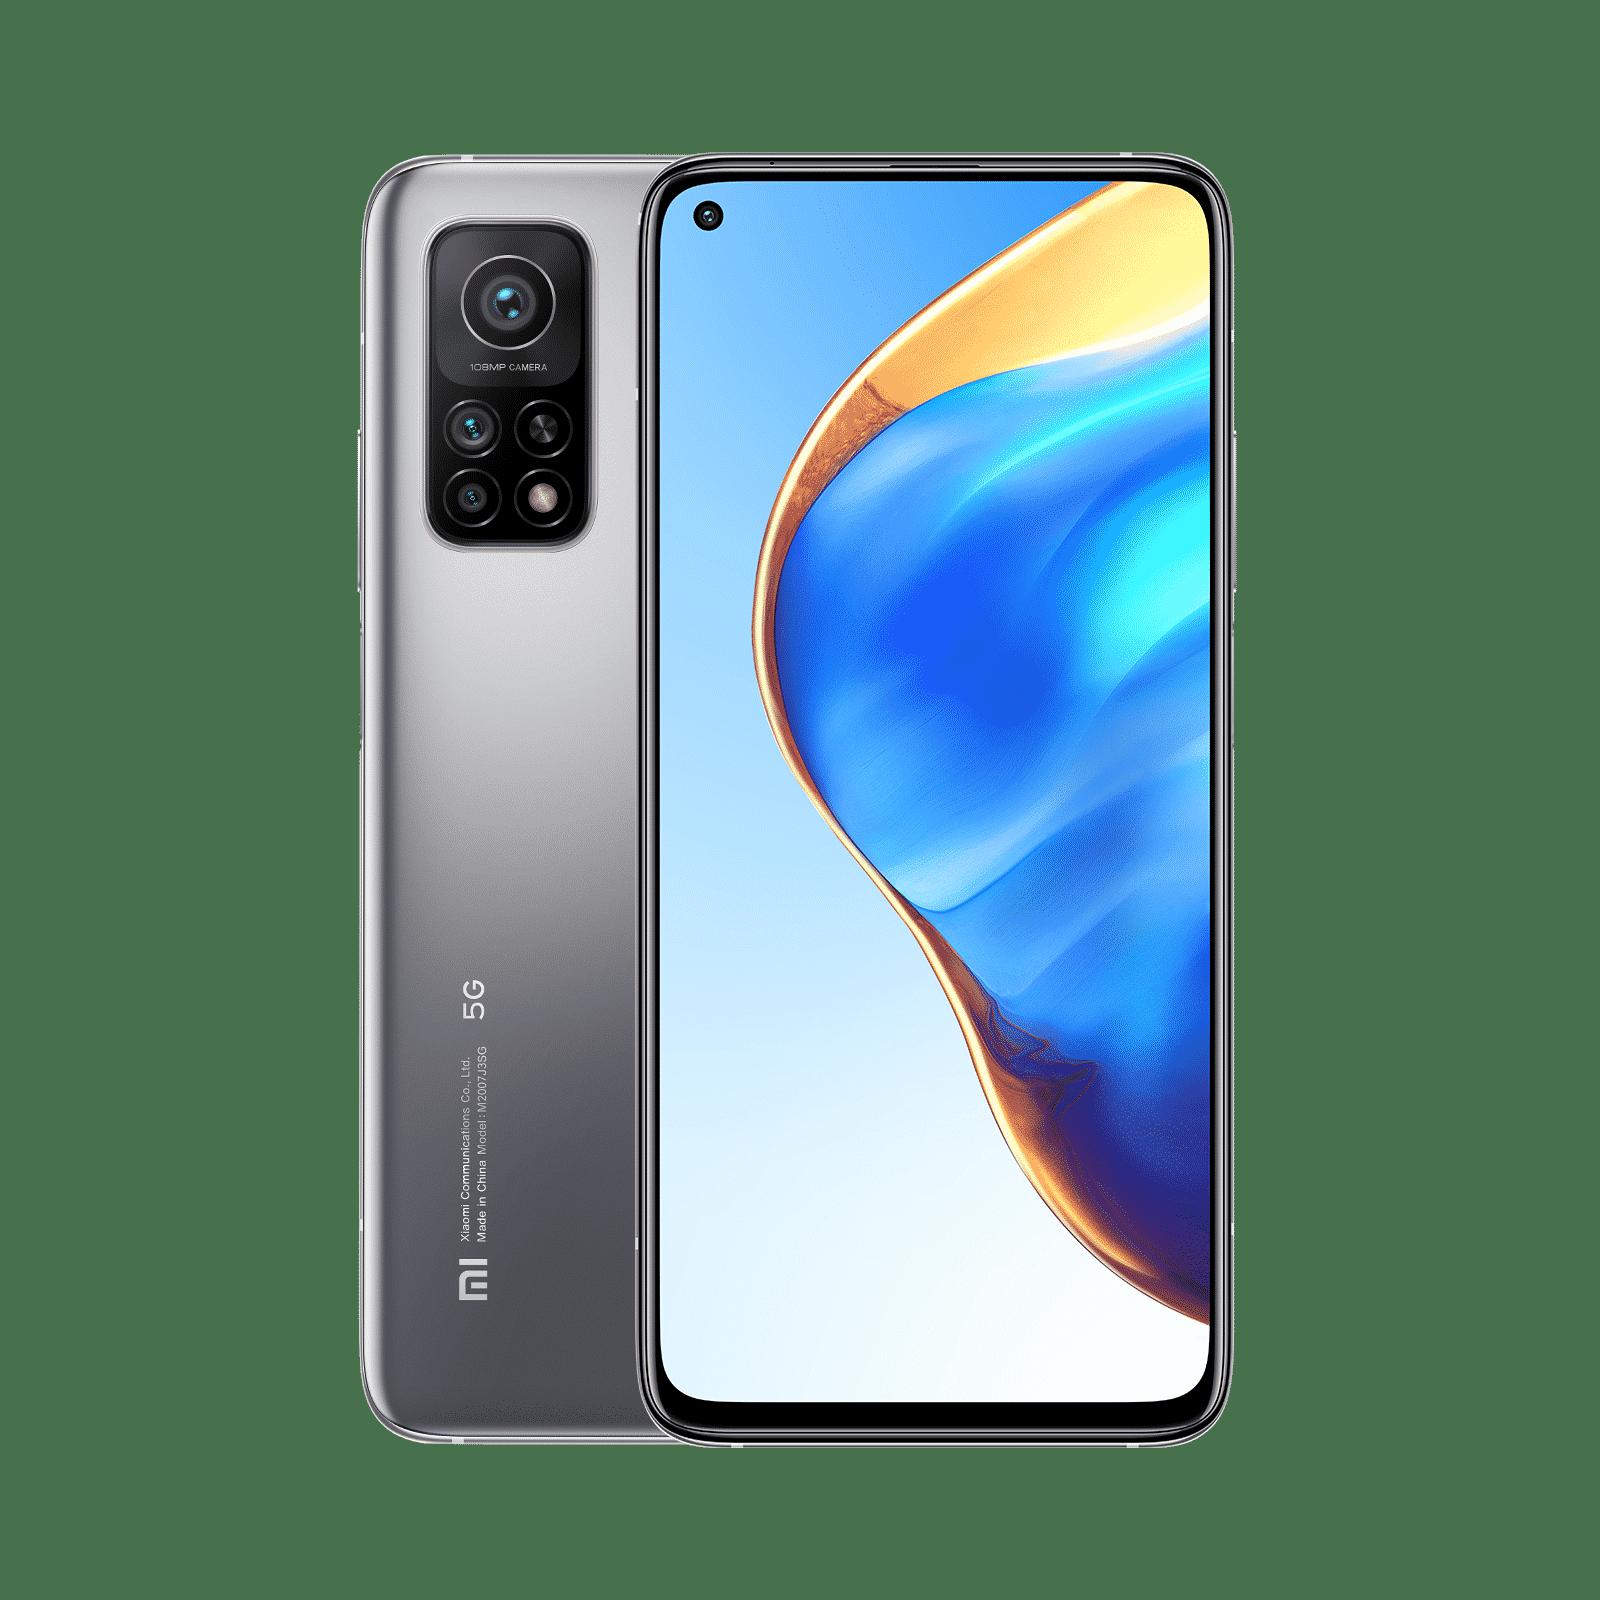 Periksa-Layar-dan-Kamera-dari-HP-Xiaomi